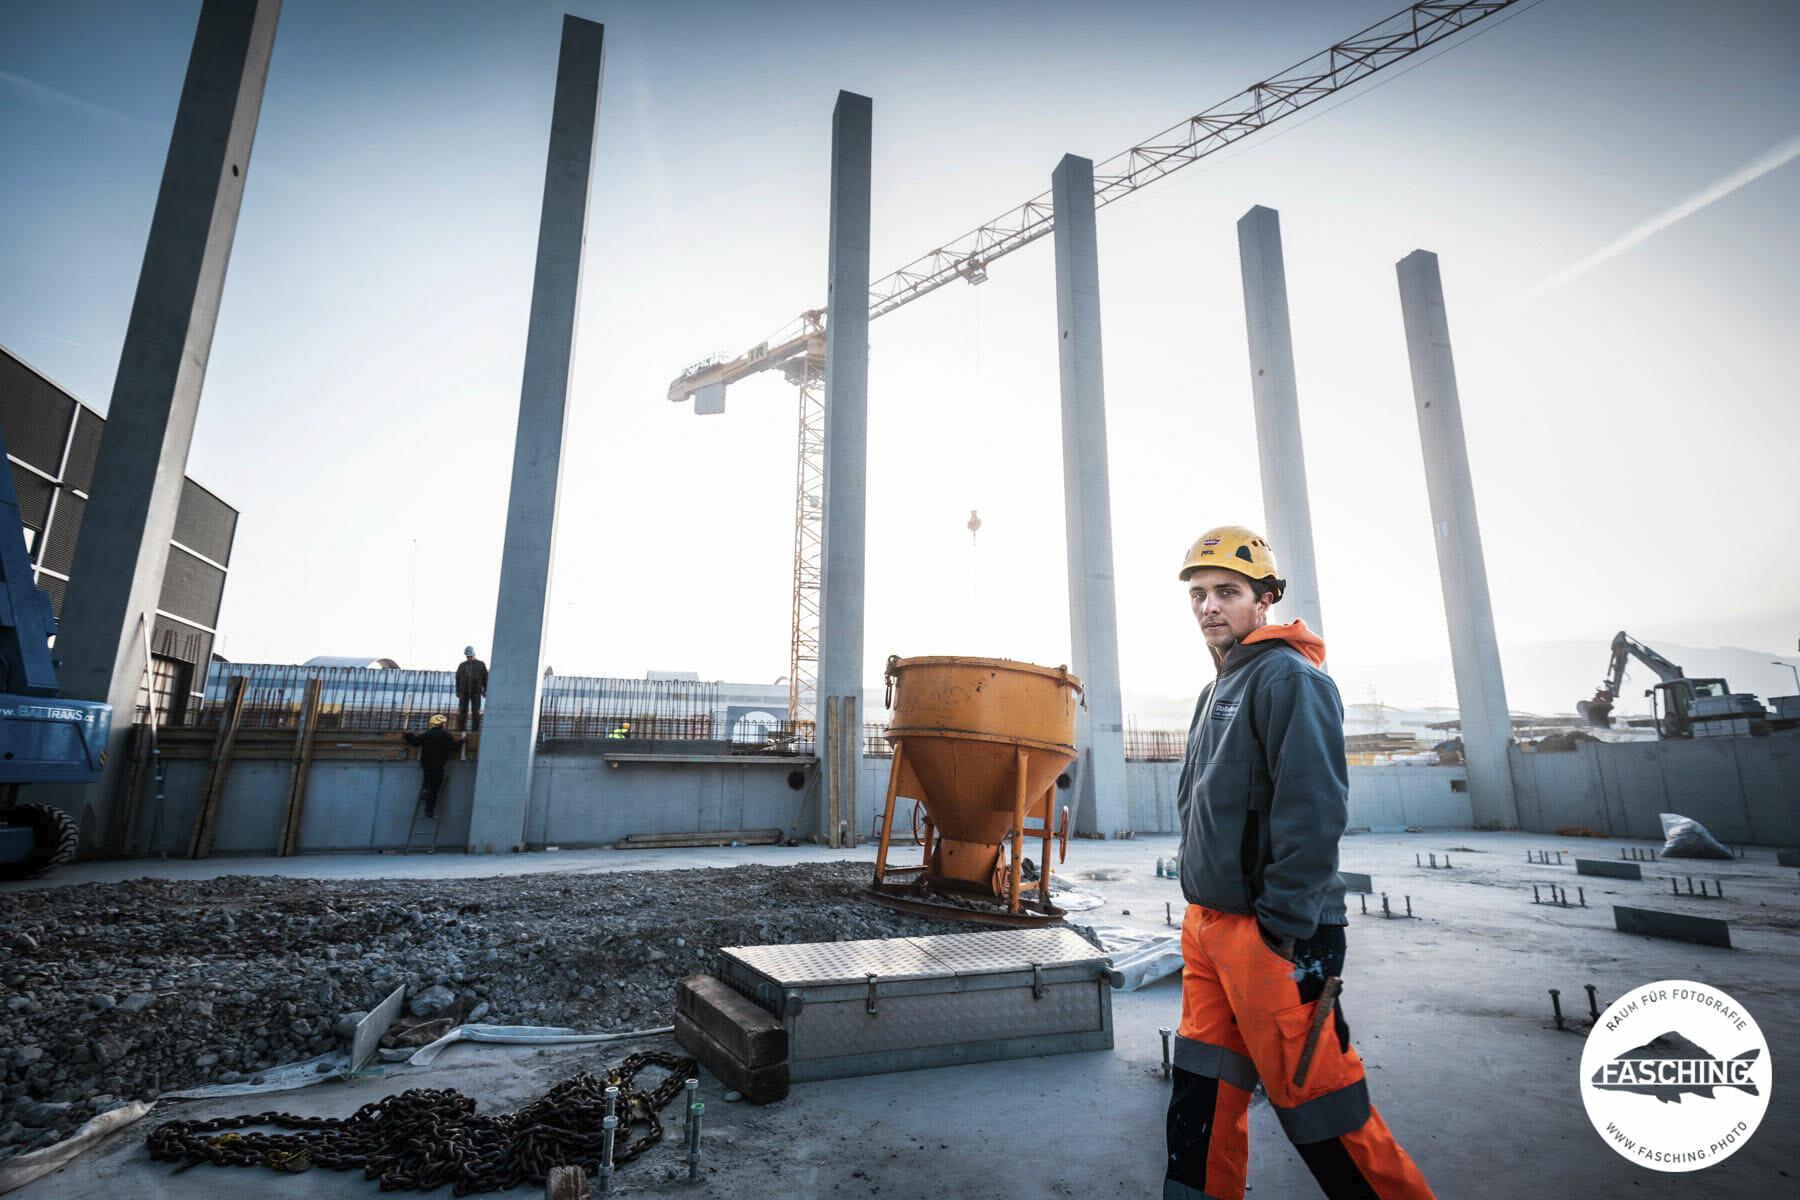 Baustellenfotos und Fotografie für vorarlberger Unternehmen von Fotostudio Fasching